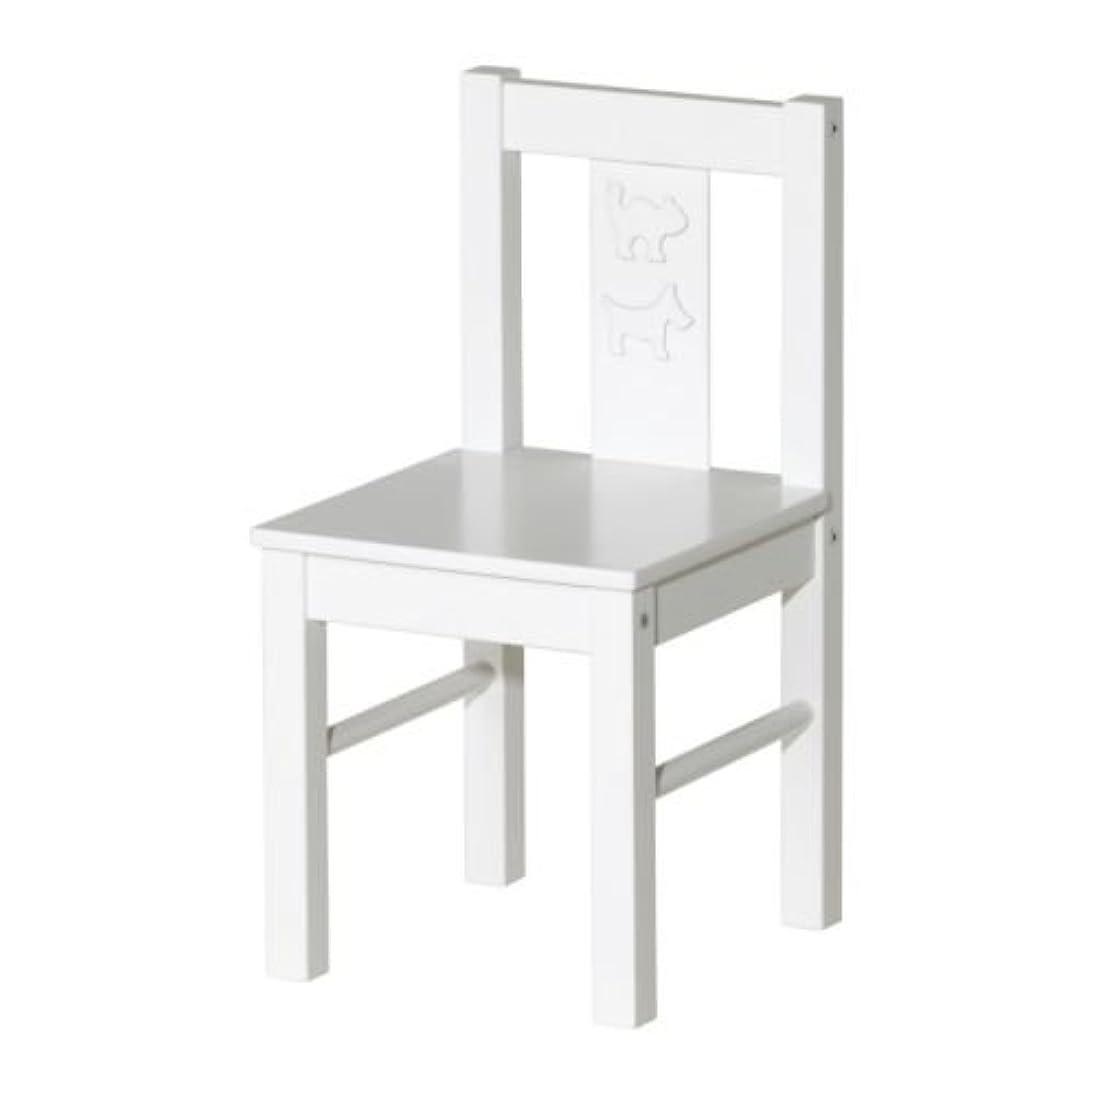 鼻不幸符号IKEA(イケア) KRITTER ホワイト 80164889 子供用チェア、ホワイト